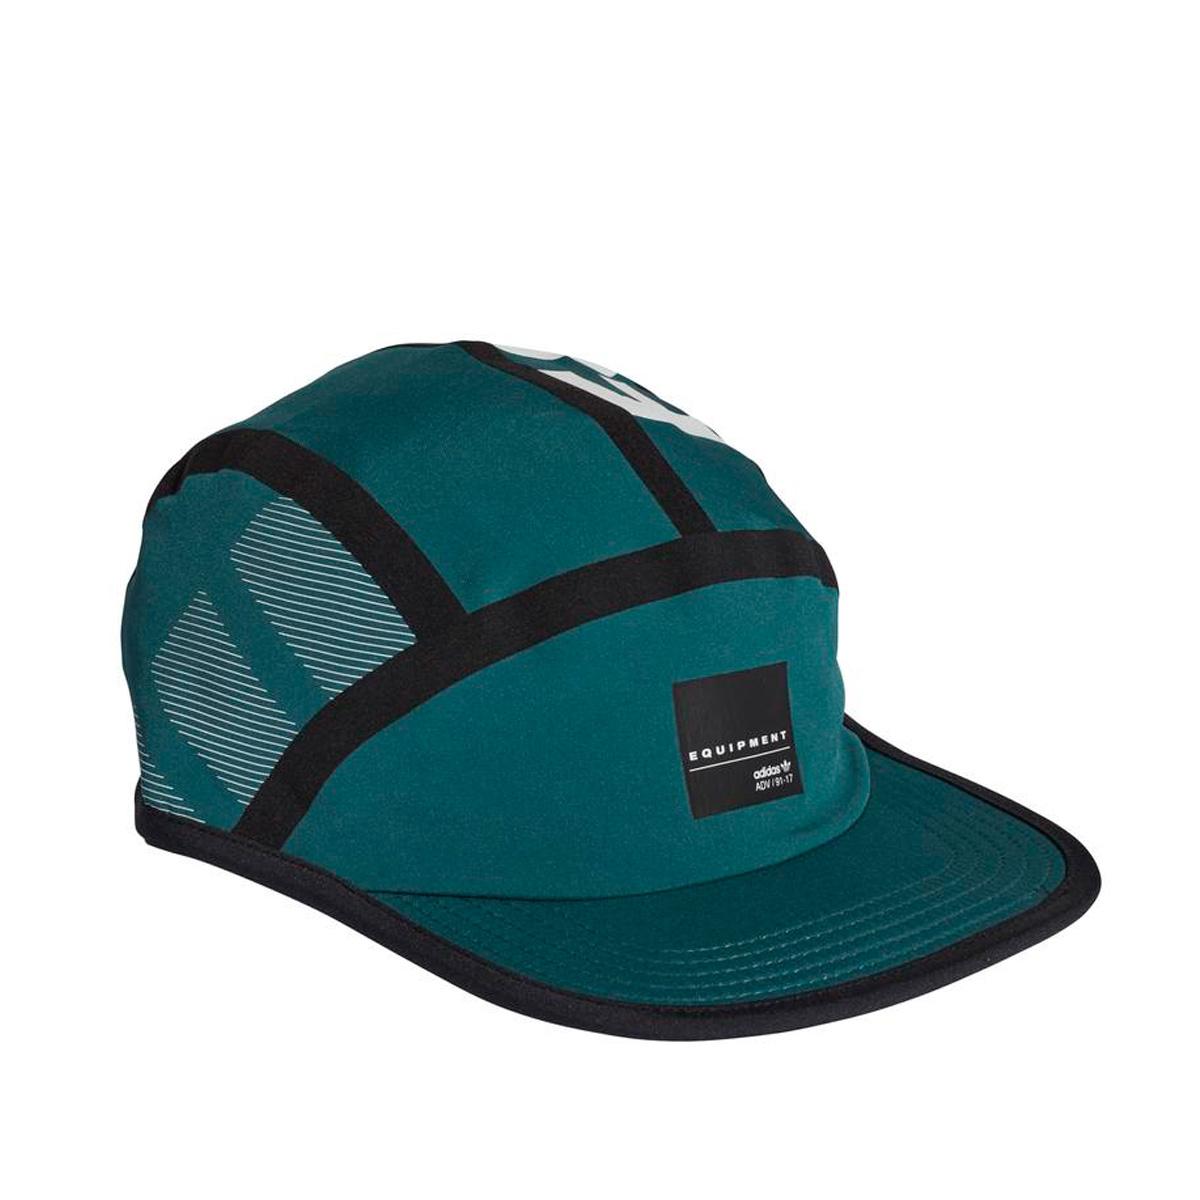 86a81af12ca9e adidas Originals EQT 5 PANEL CAP (Adidas originals EQT 5 panel cap)  (mystery ...